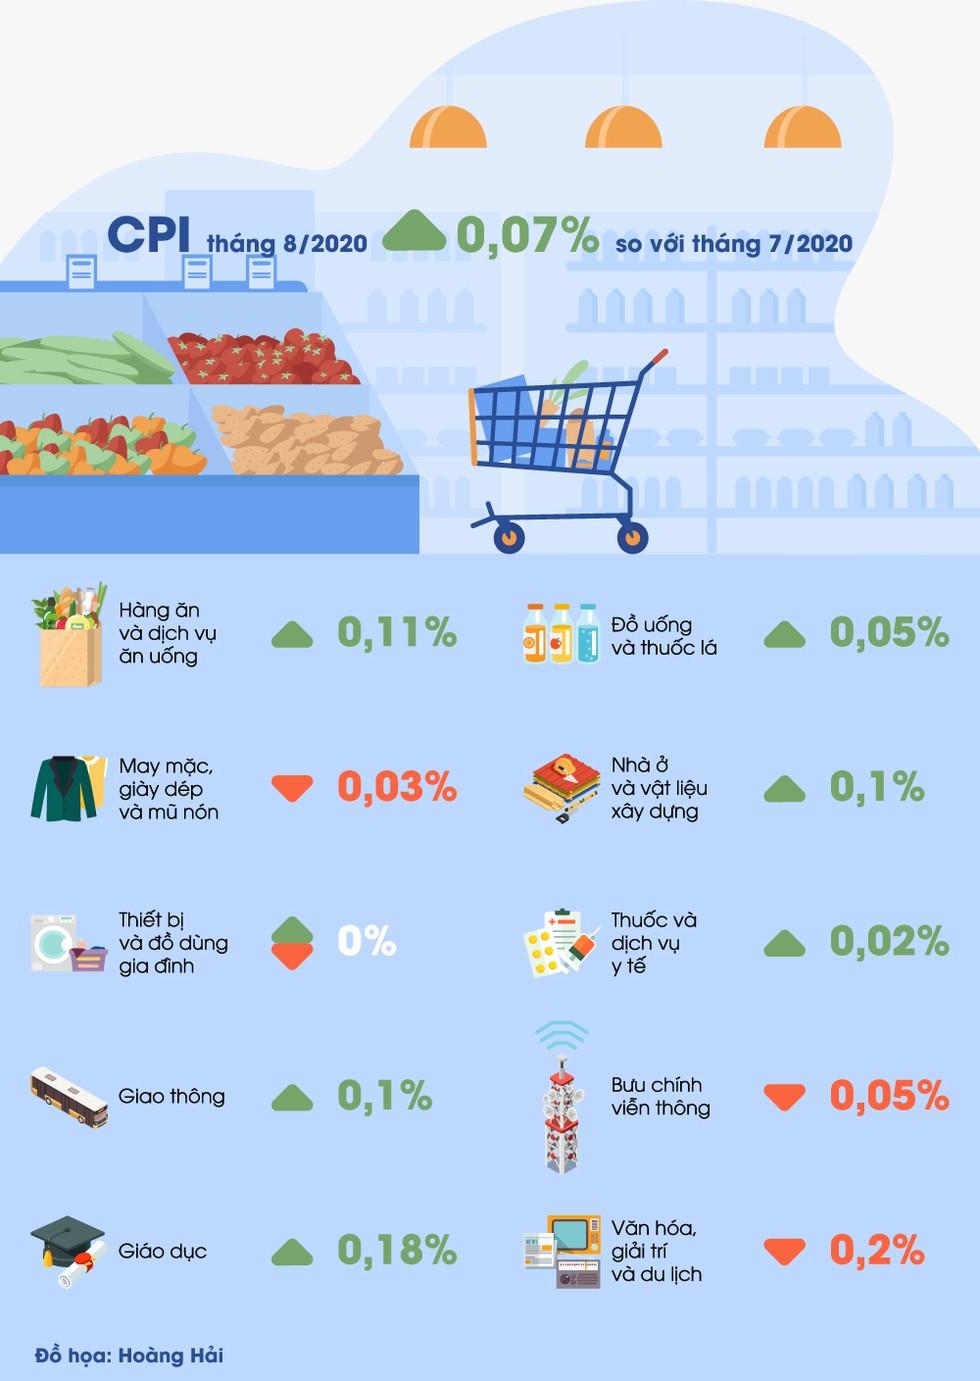 [Infographic] CPI tháng 8/2020 tăng 0,07%, mức thấp nhất trong 5 năm qua ảnh 1